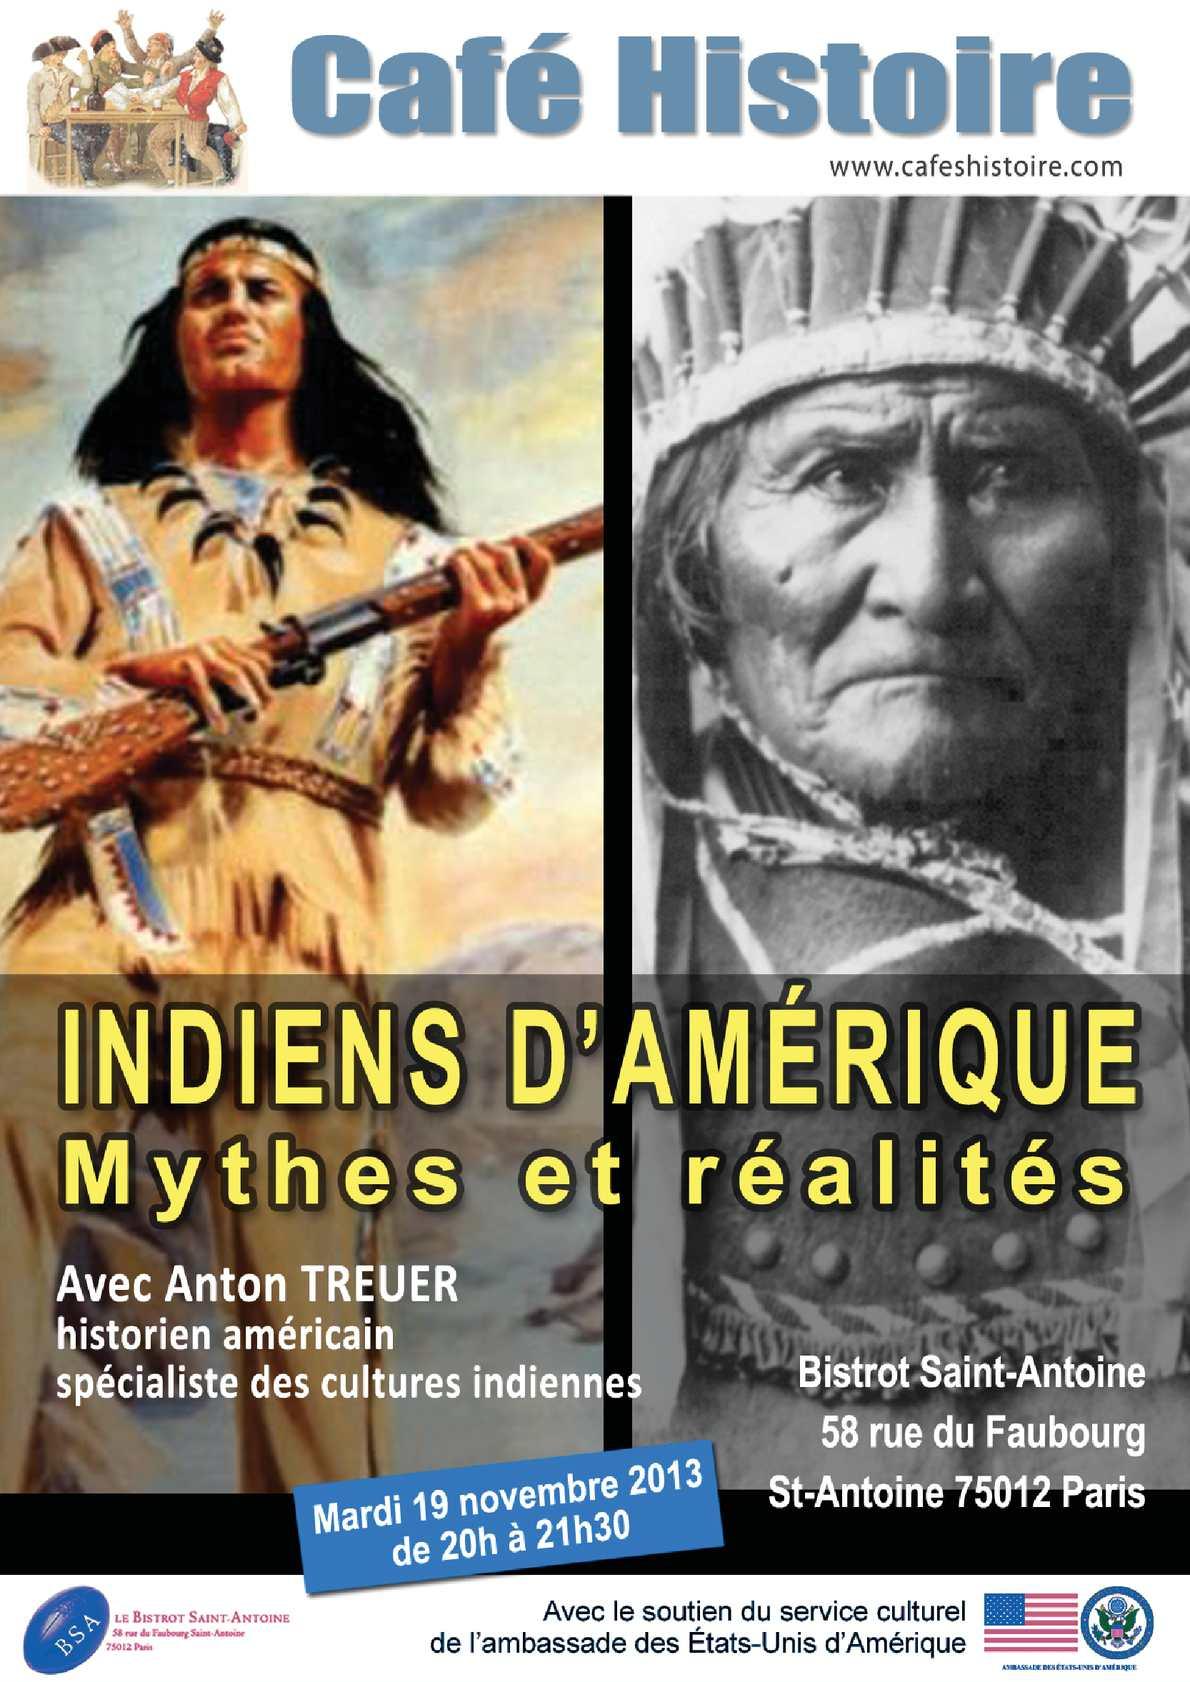 Les Indiens D Amérique Histoire : indiens, amérique, histoire, Calaméo, Indiens, D'Amérique, Mythes, Réalités